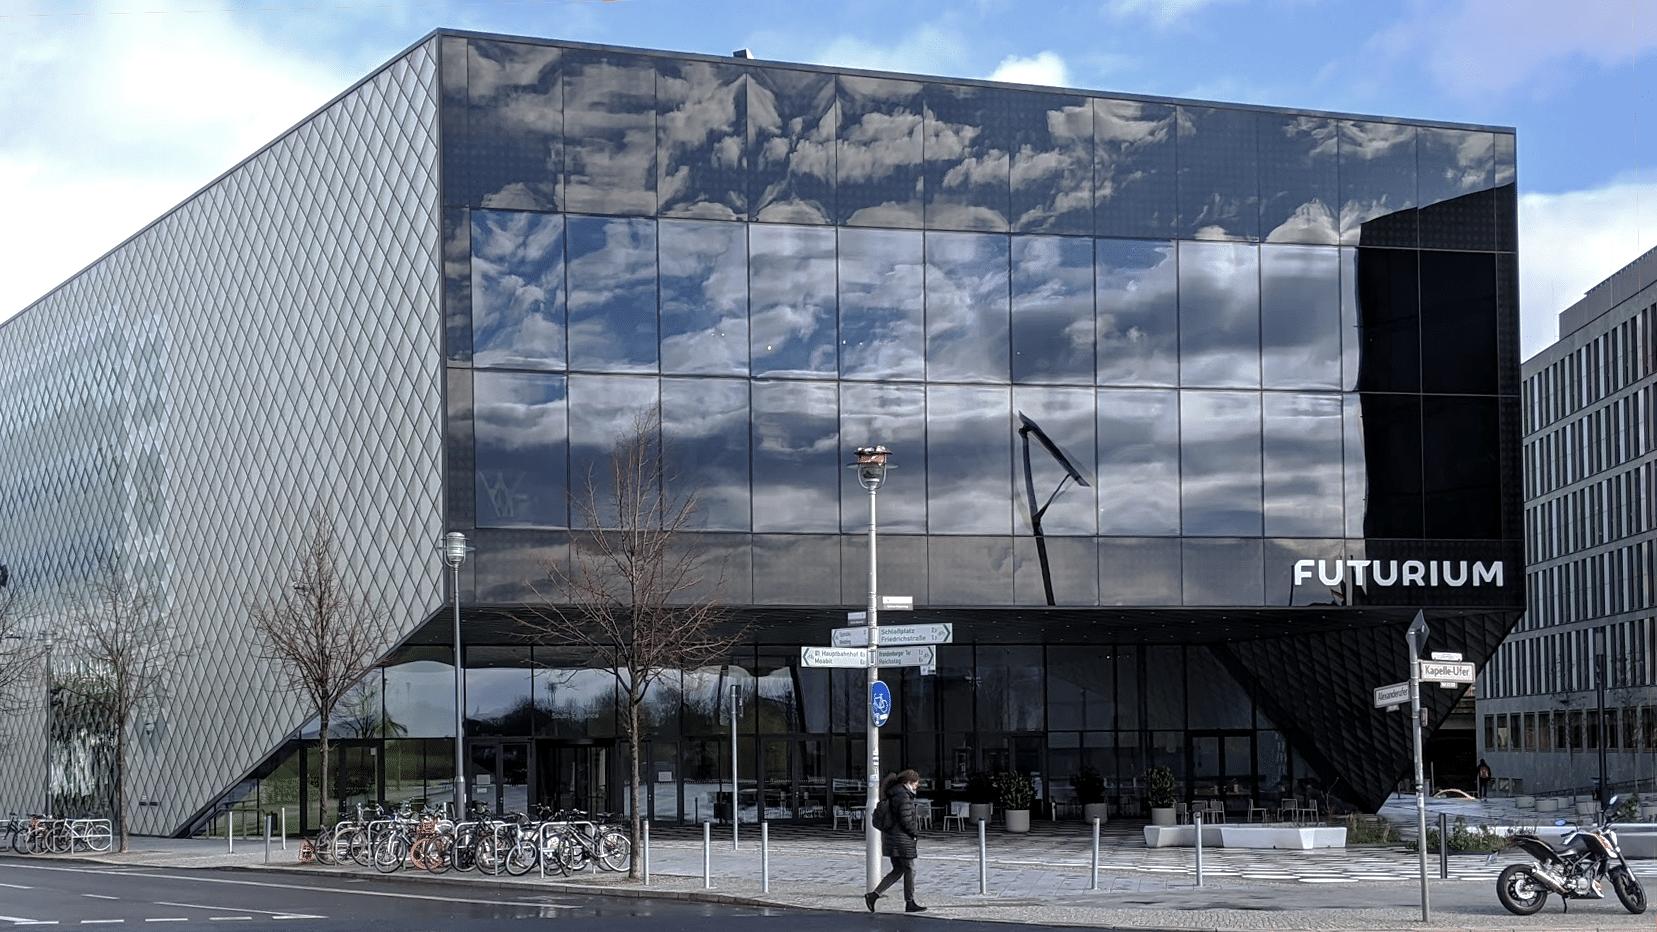 Futurium Berlin: hoe ziet de toekomst eruit?